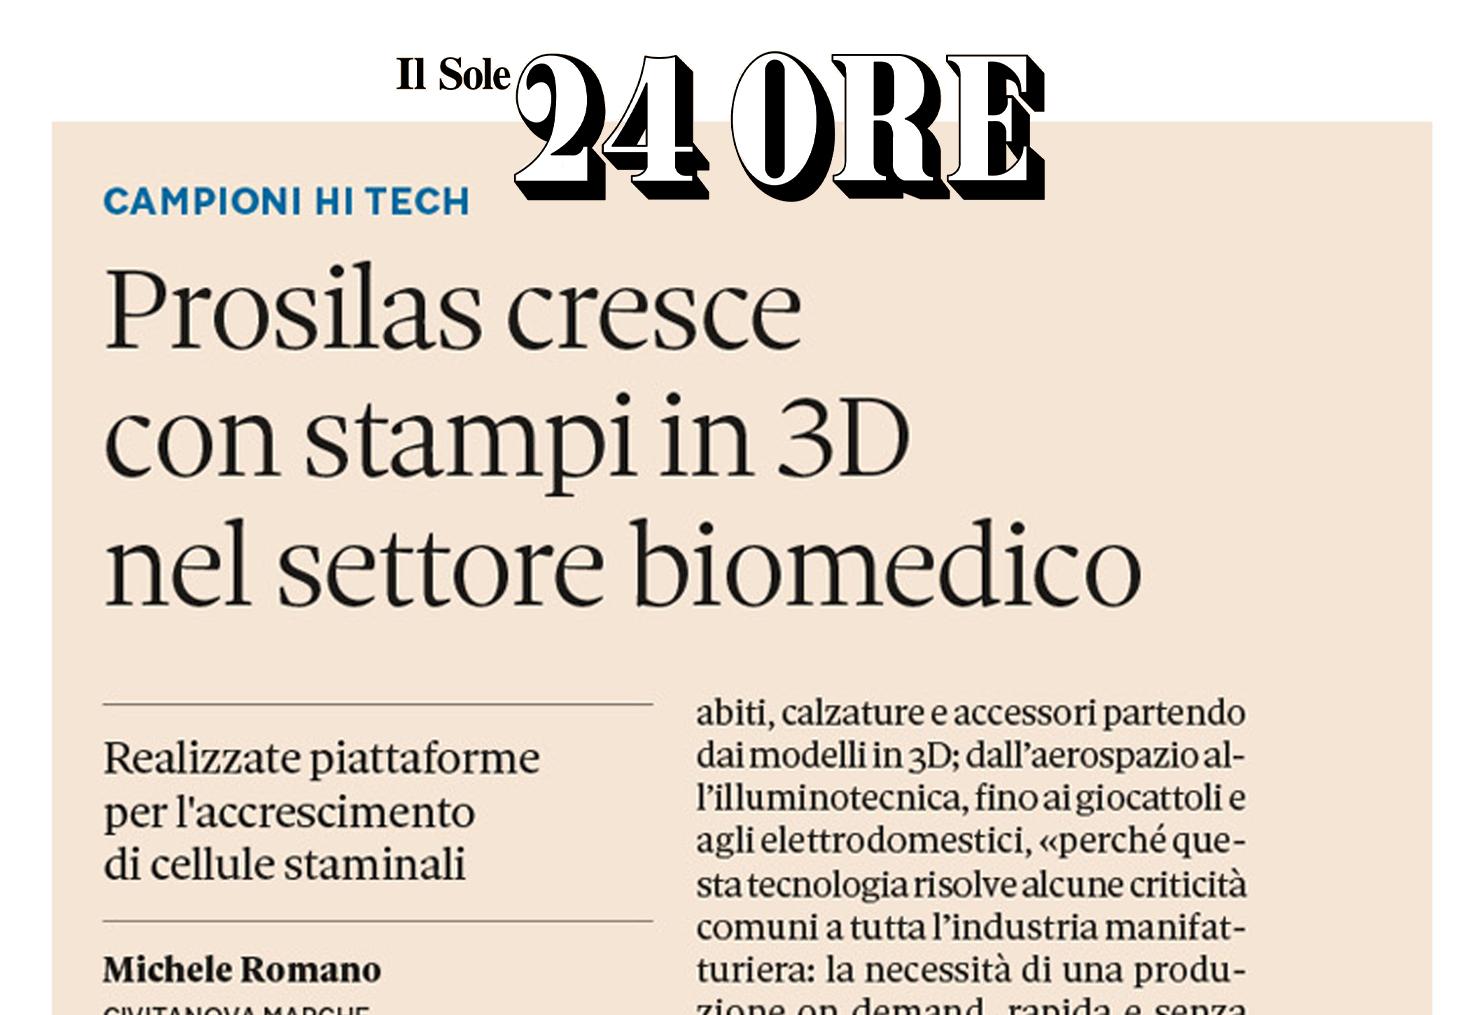 Il Sole 24 Ore – Prosilas cresce con stampi in 3D nel settore Biomedico